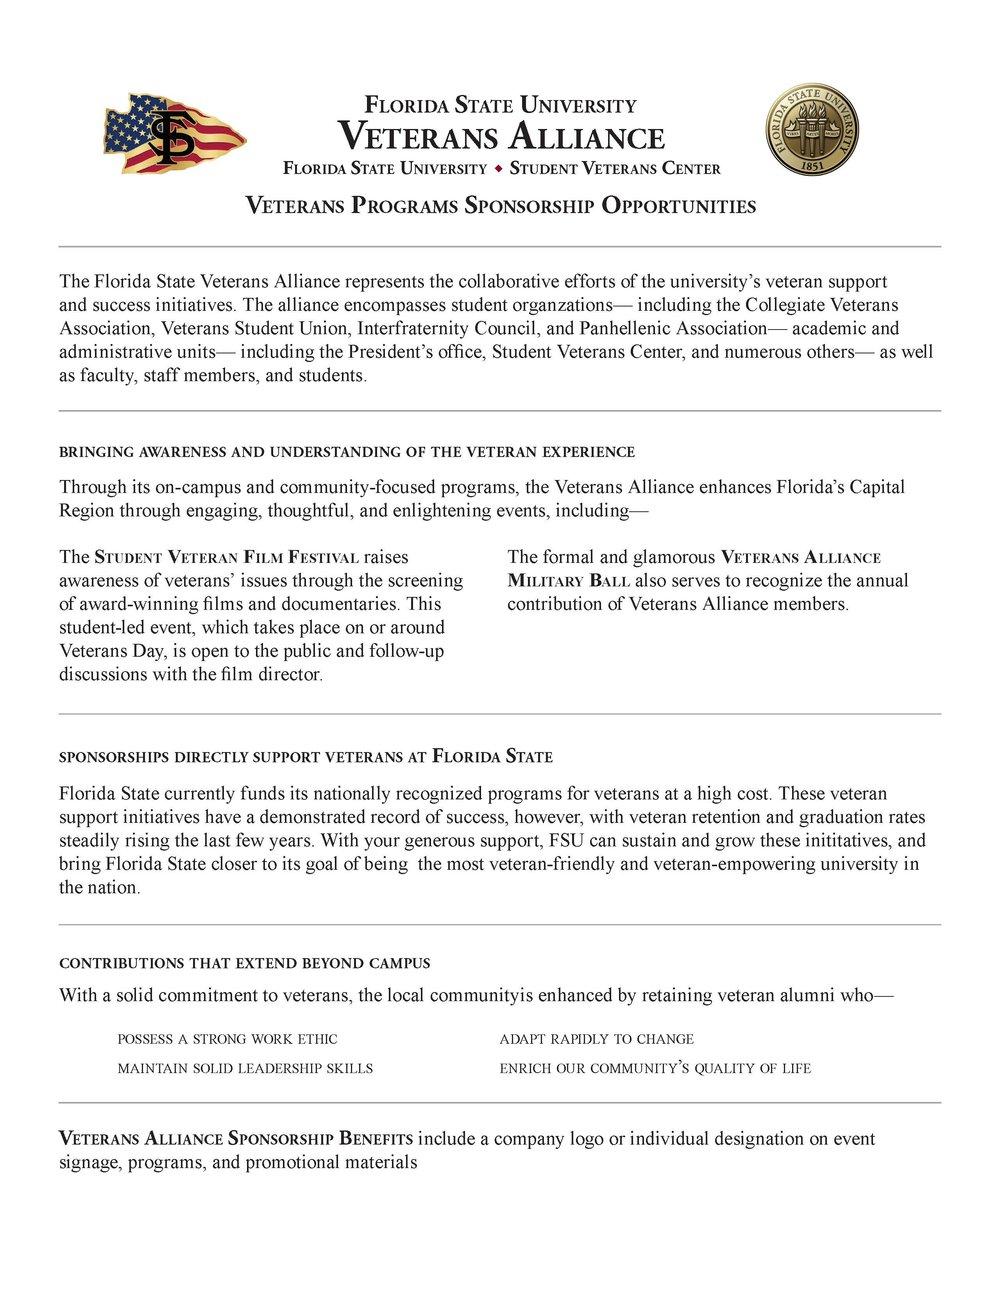 veterans_programs_sponsorship_info_2_Page_1.jpg